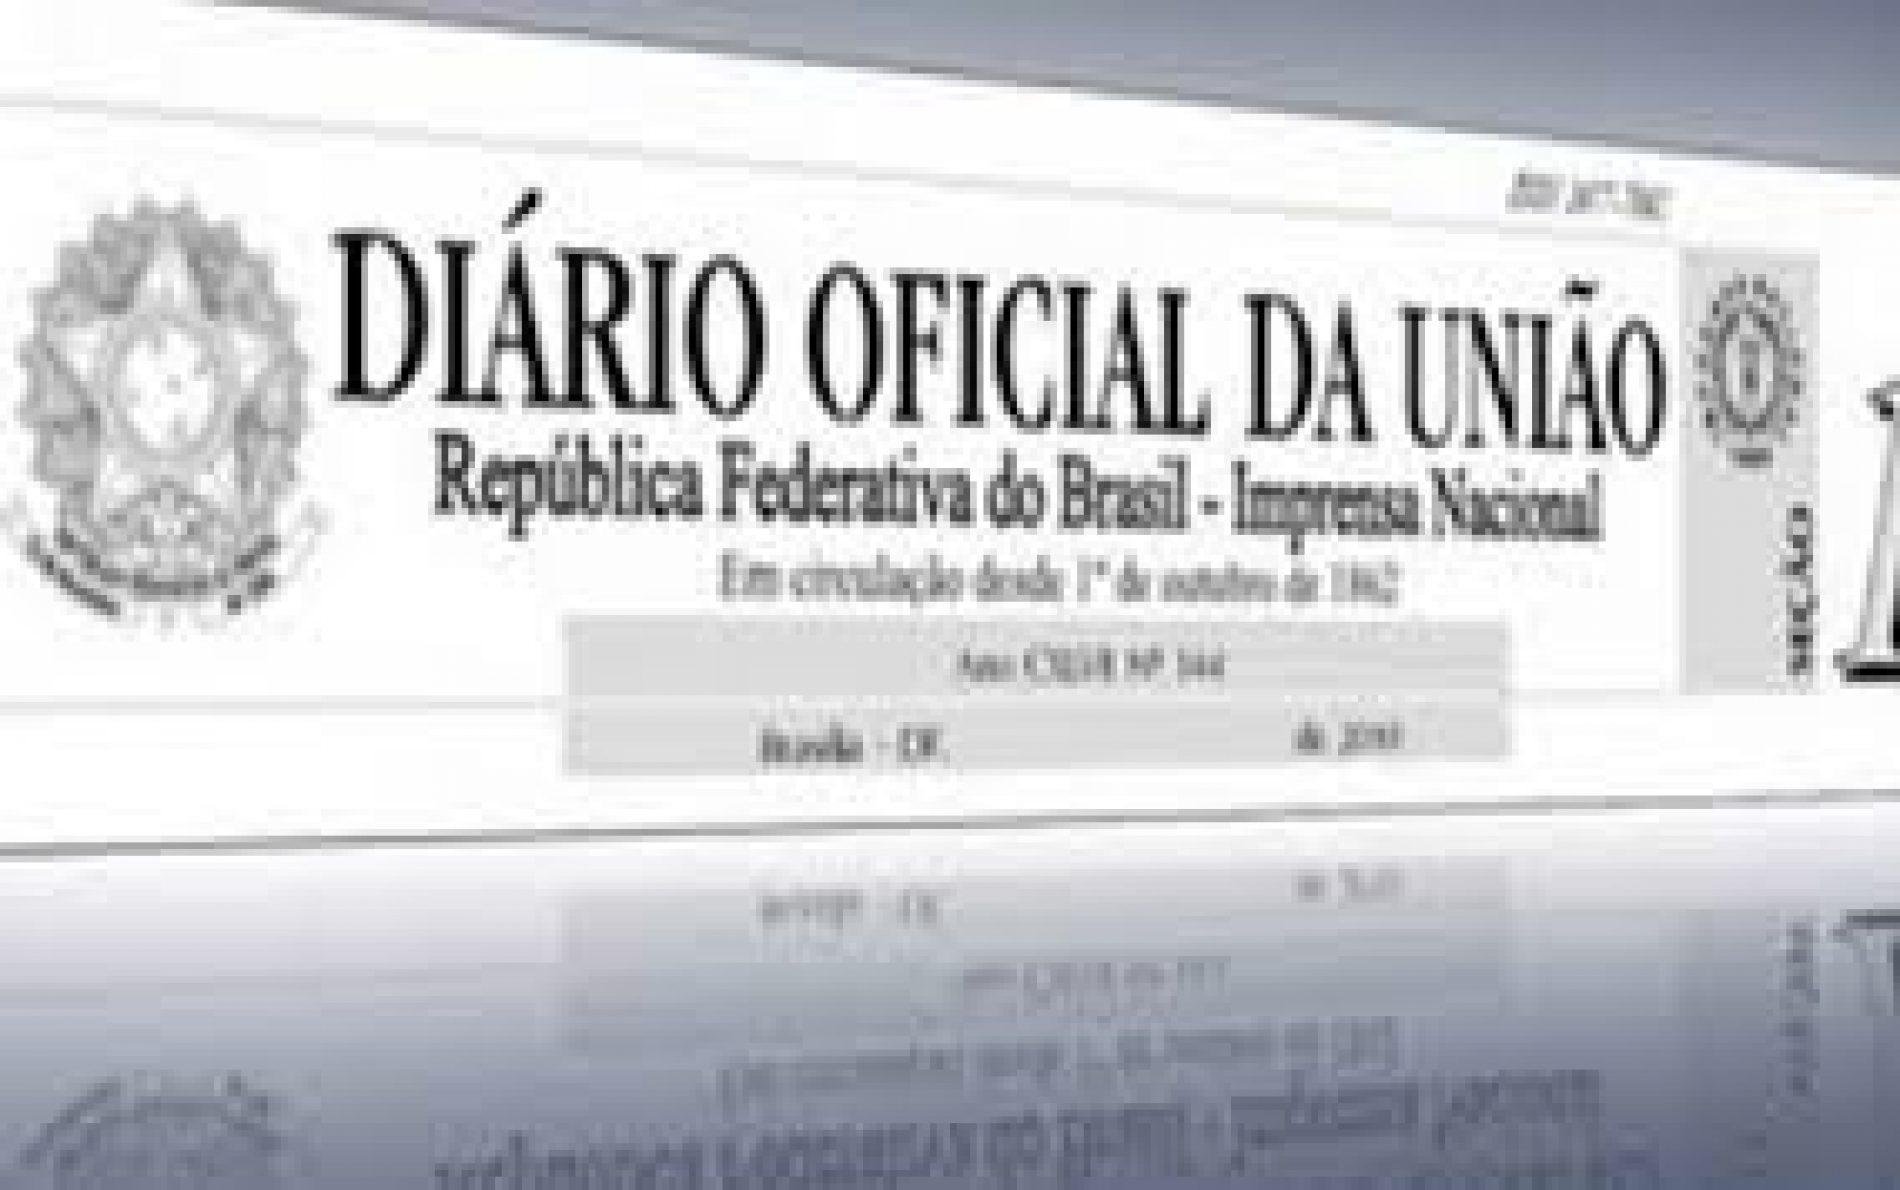 ACABOU! Depois de 155 anos, Diário Oficial da União deixa de ter versão impressa